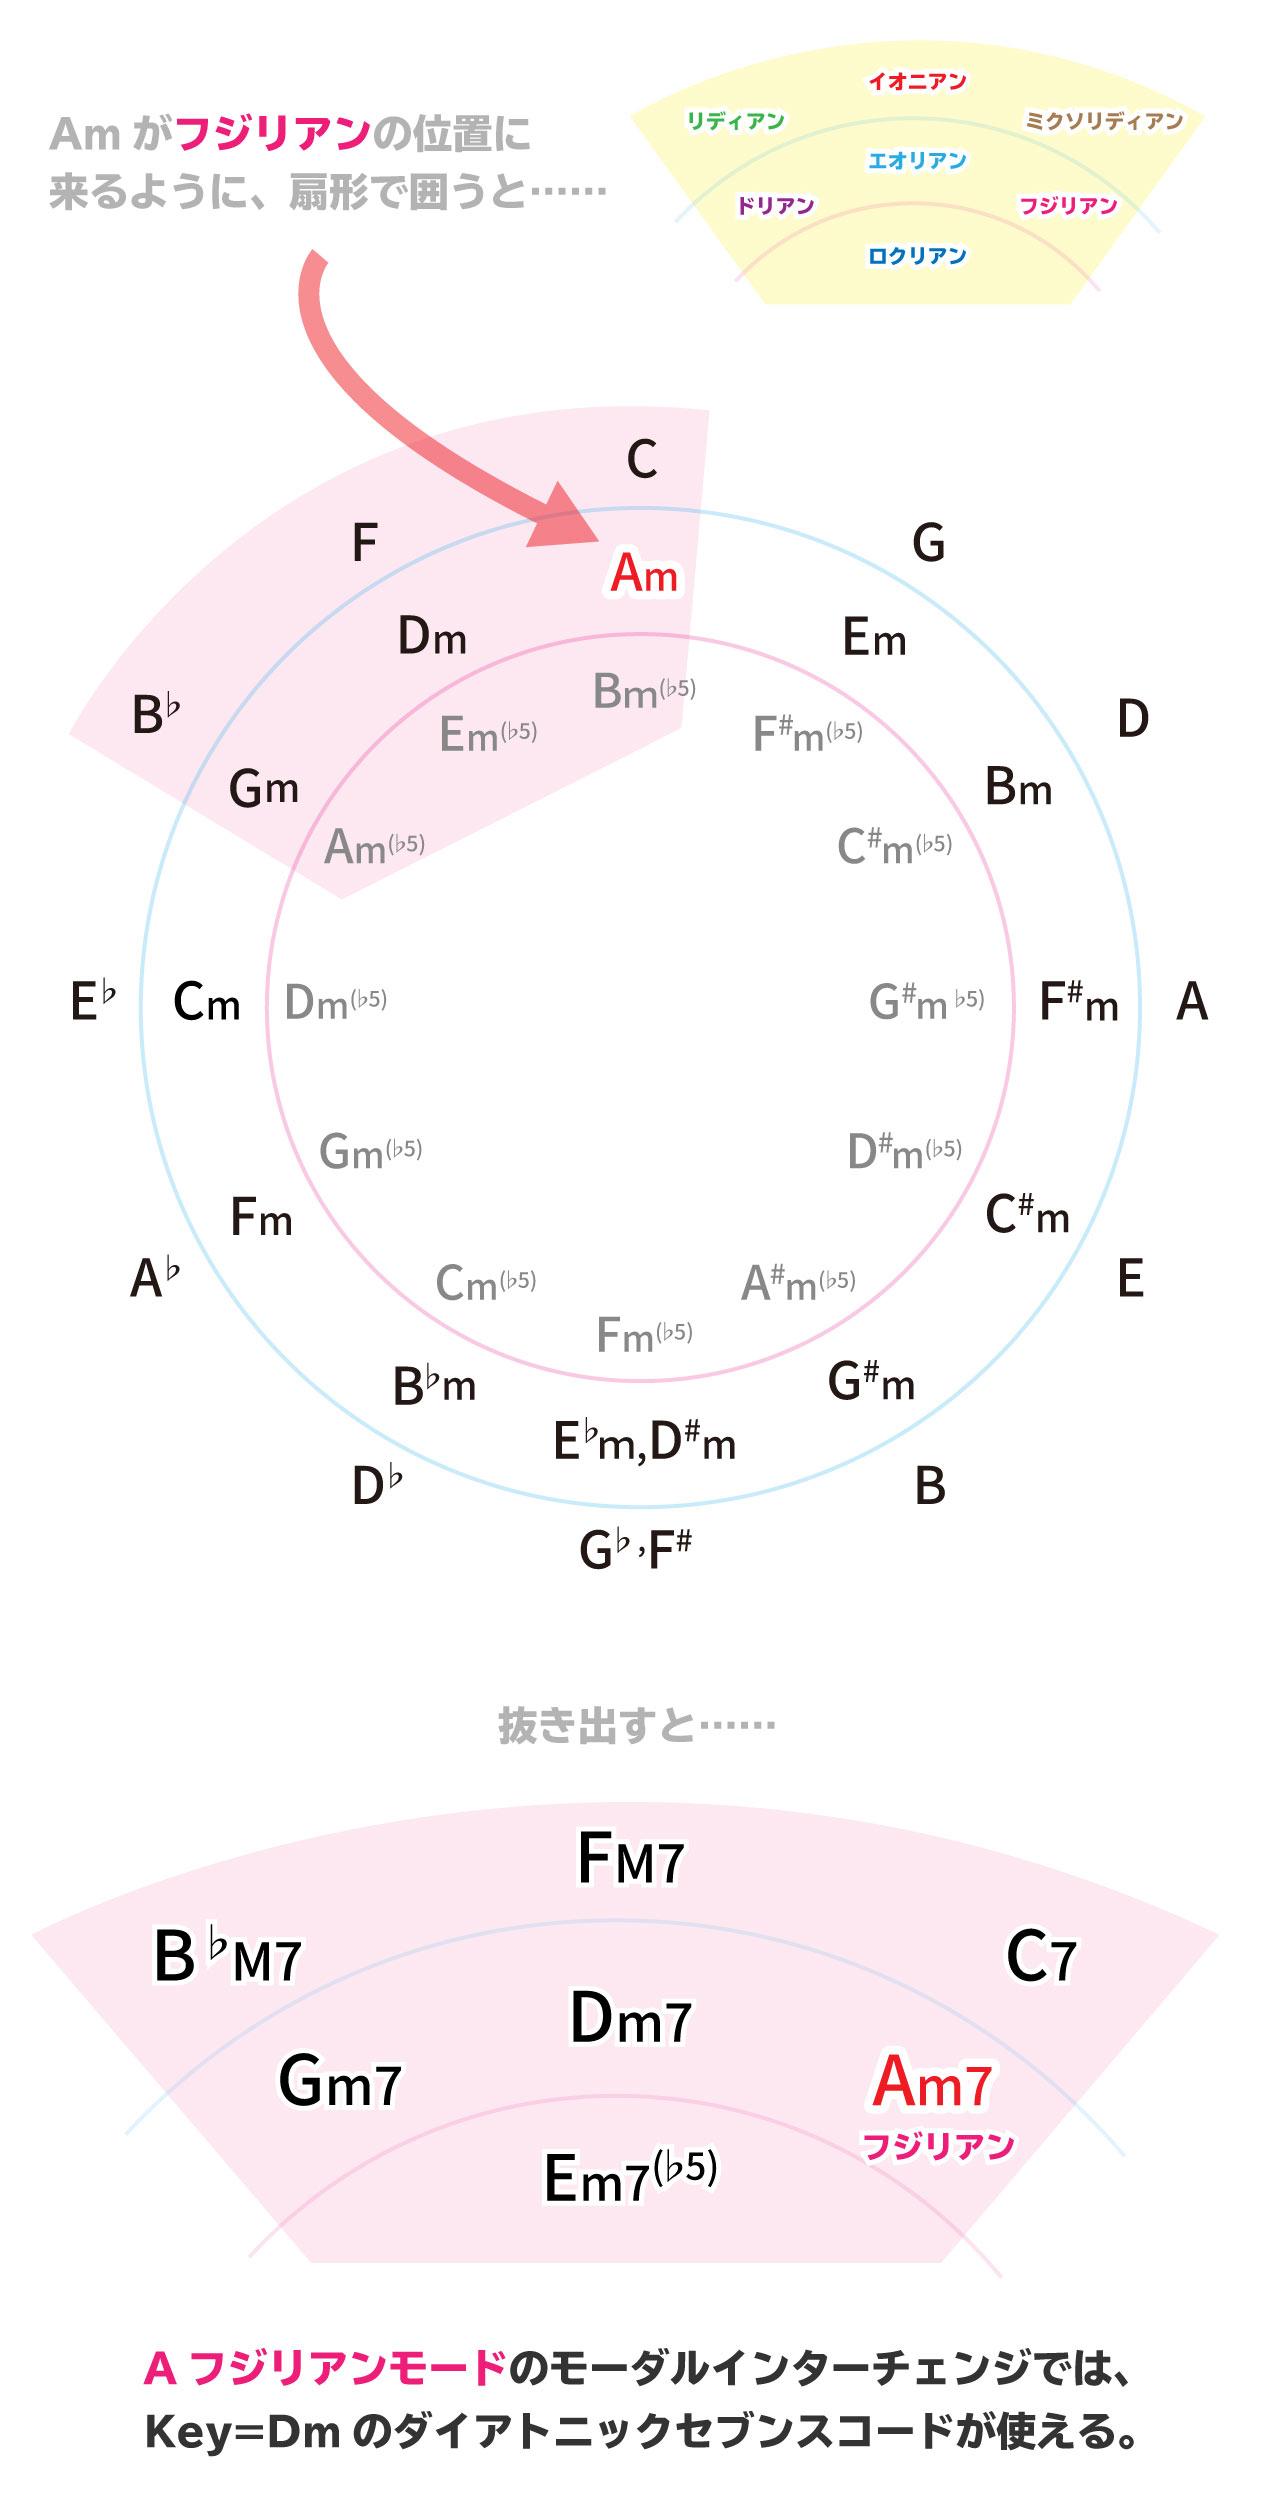 モーダルインターチェンジの使い方解説画像:Amがフジリアンの位置に来るように、扇形で囲うと……。Aフジリアンモードのモーダルインターチェンジでは、Key=Dmのダイアトニックセブンスコードが使える。